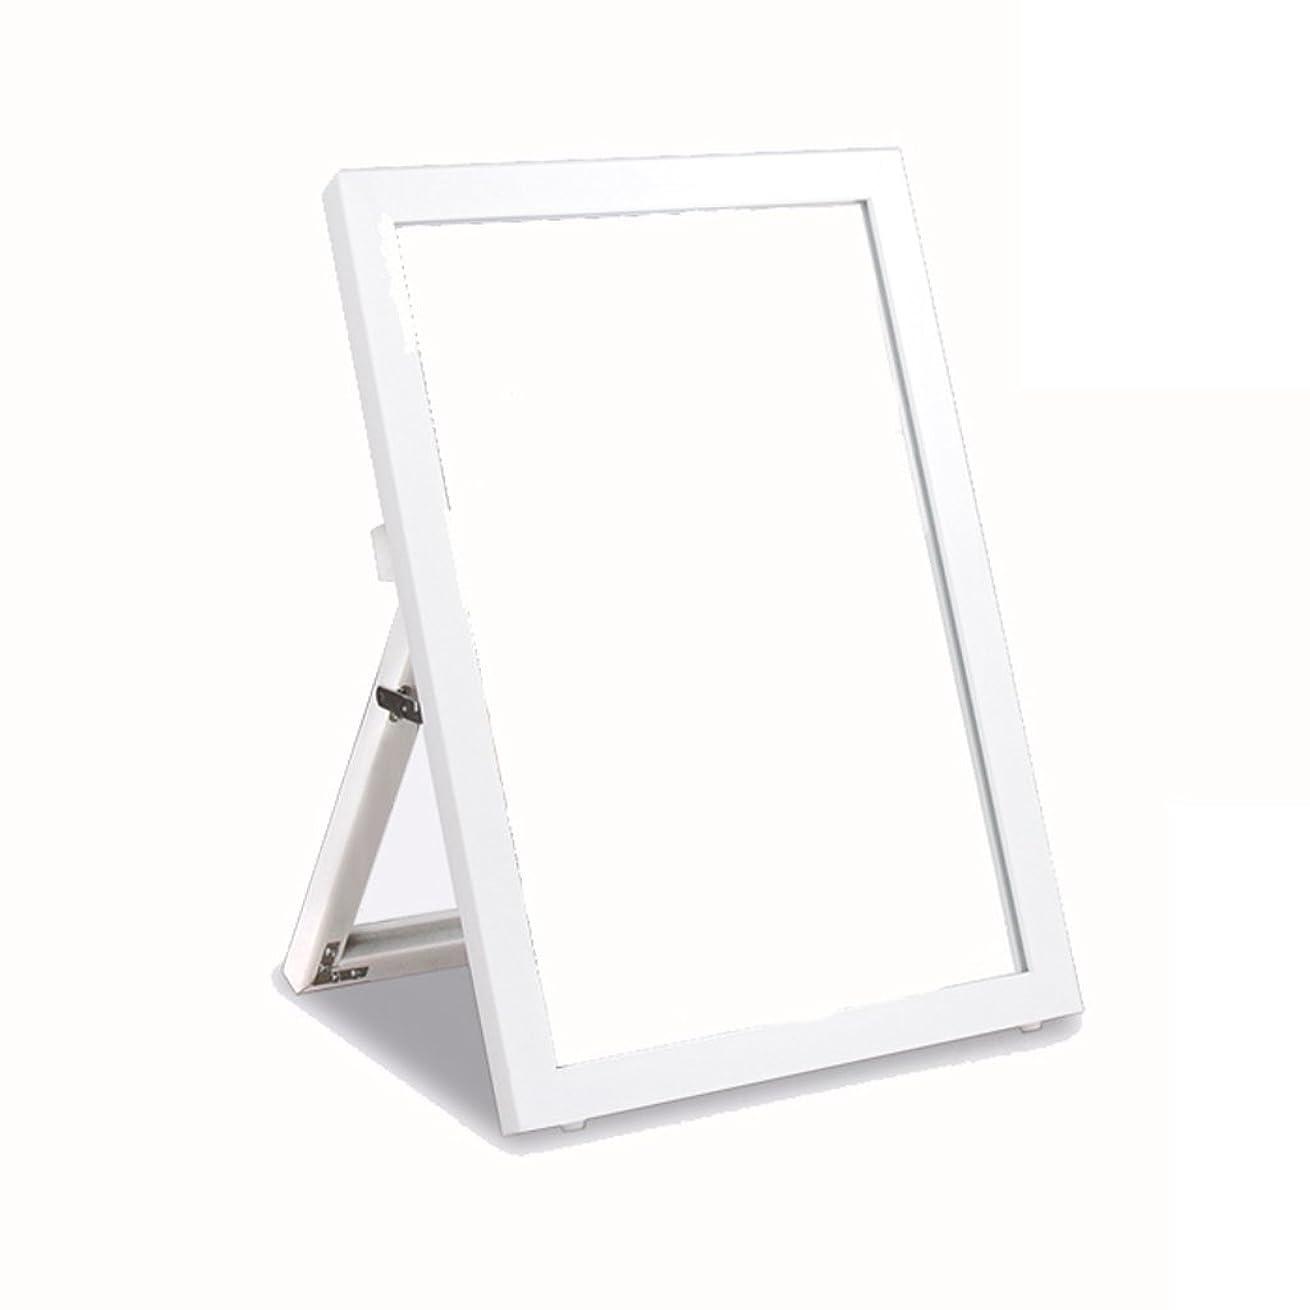 不利汚染する娘YBJPshop ブラケット付きブラケット、デスクトップバニティミラー/ランディングテスト用シューズミラー - 片面HD 美容鏡化粧室バスルーム (Color : White)